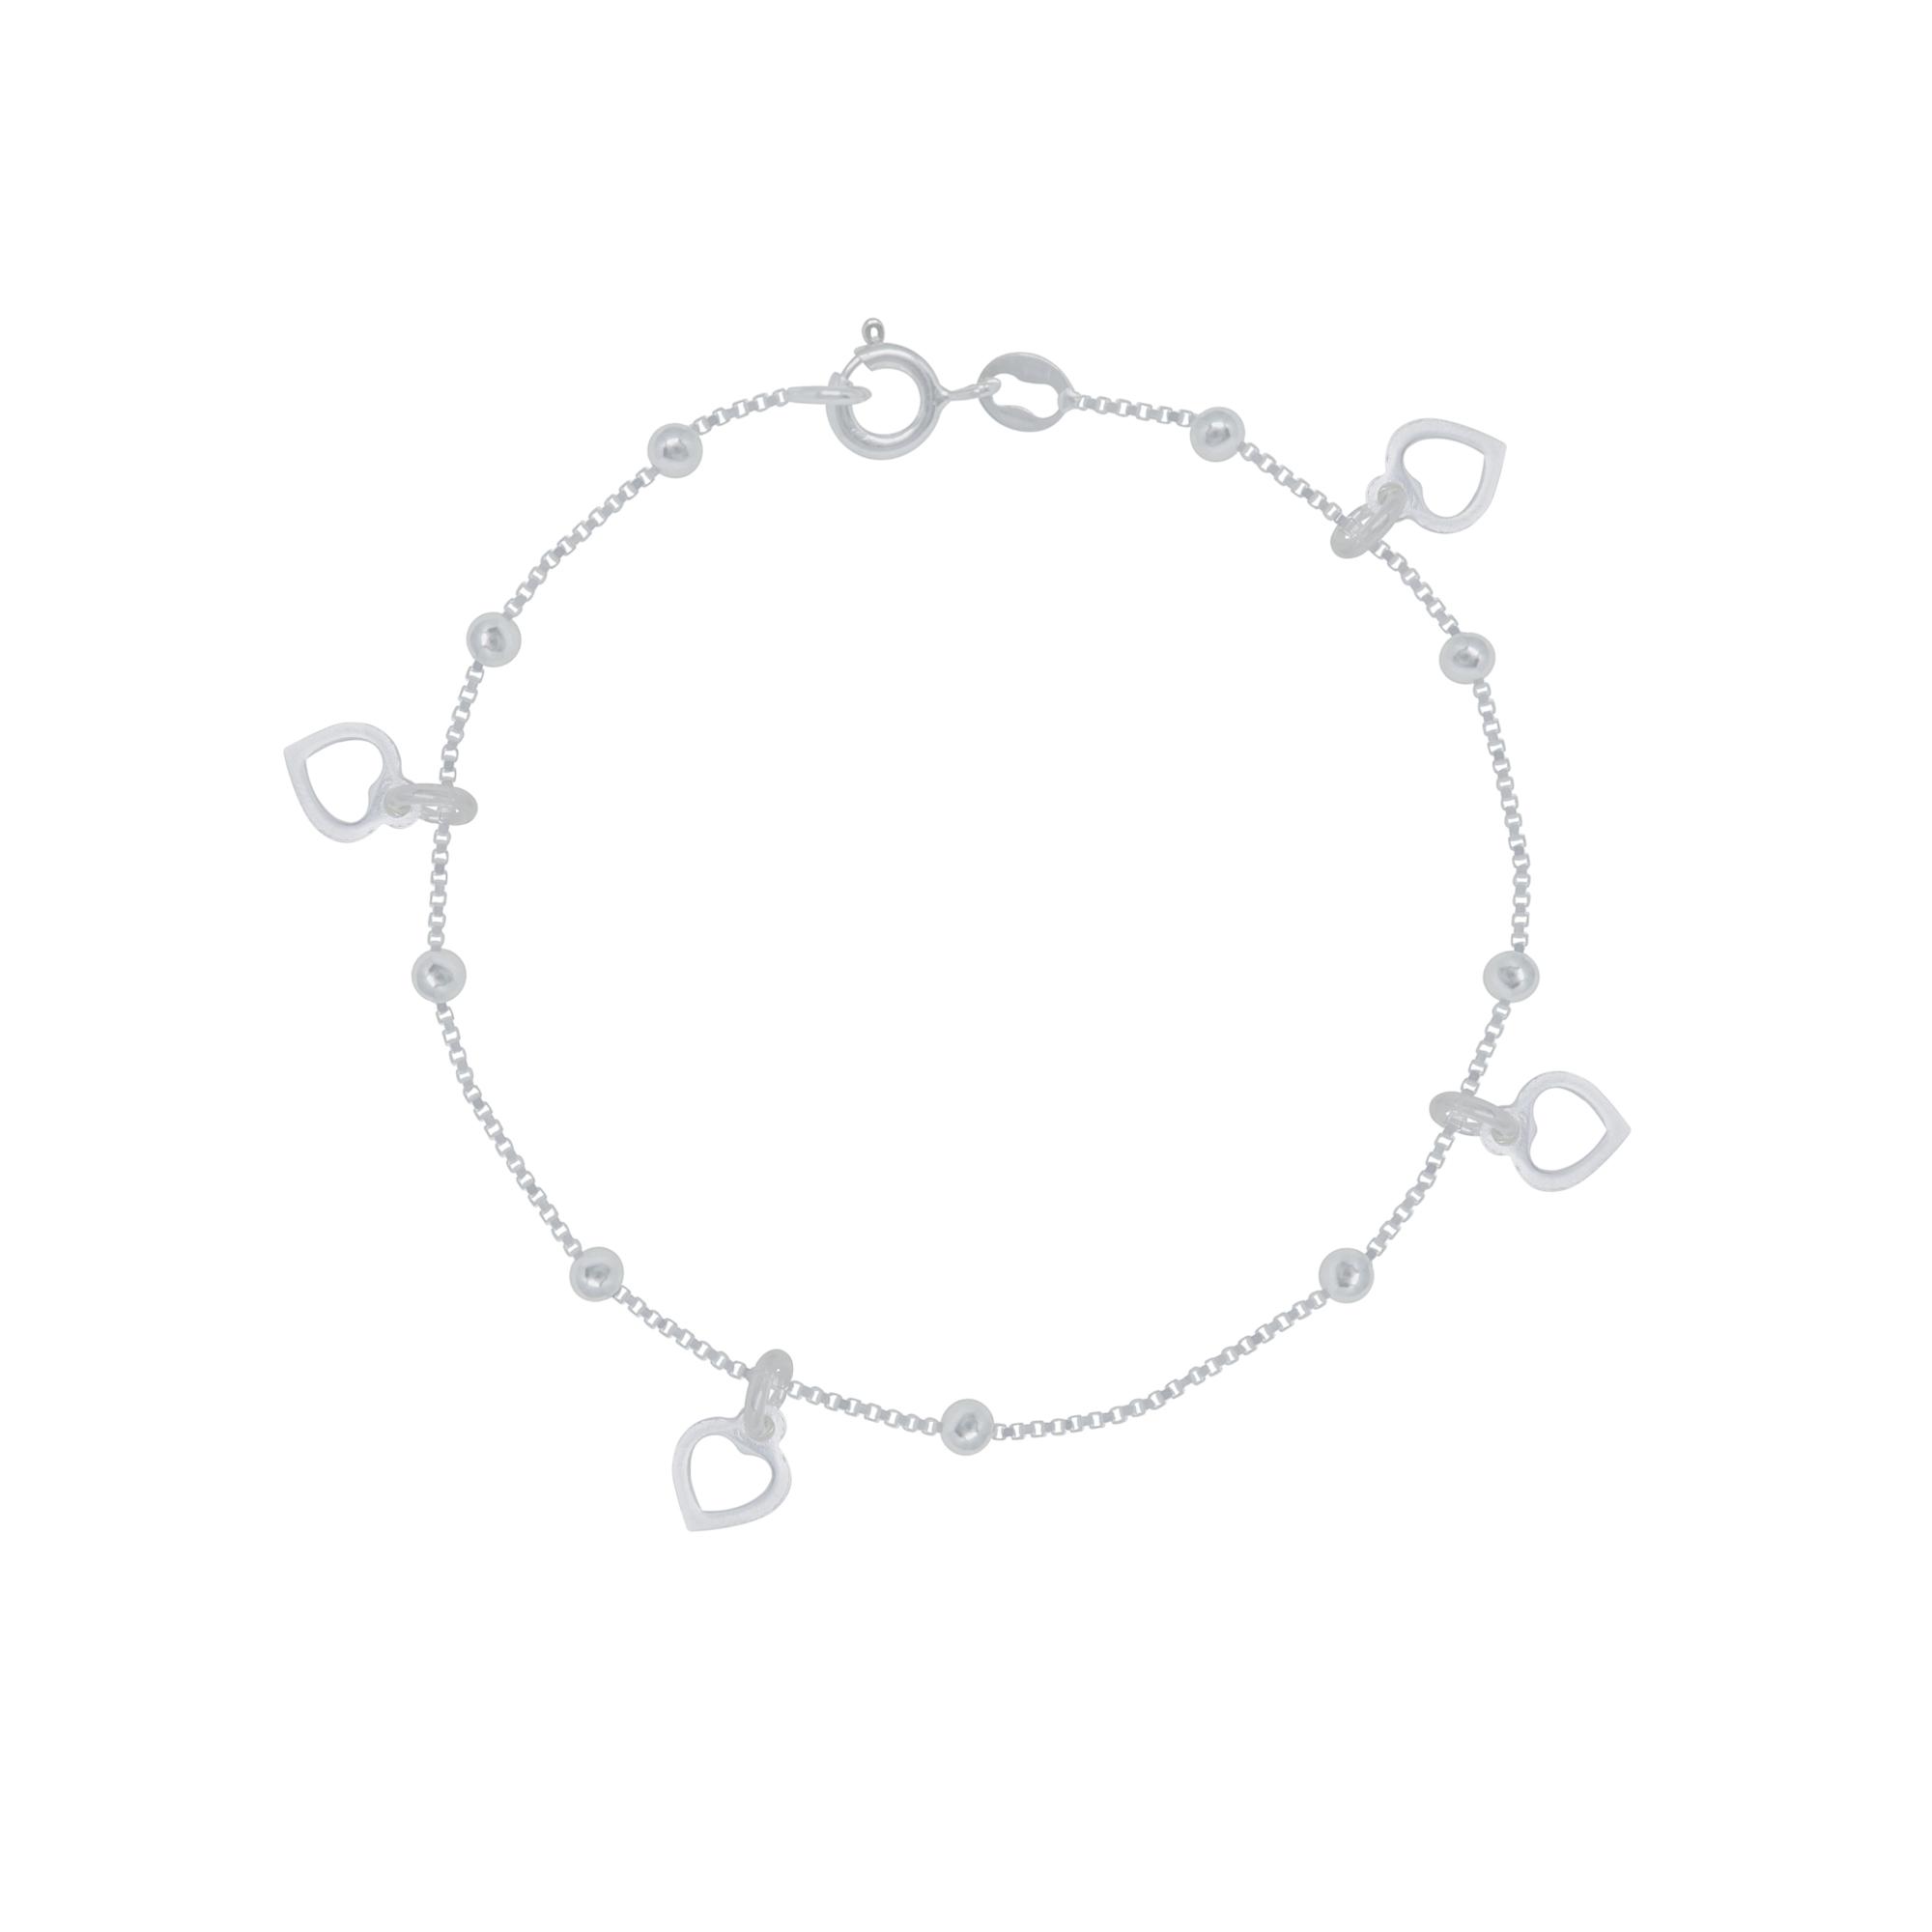 Pulseira joia prata 925 pura Coração vazado hipoalergênica